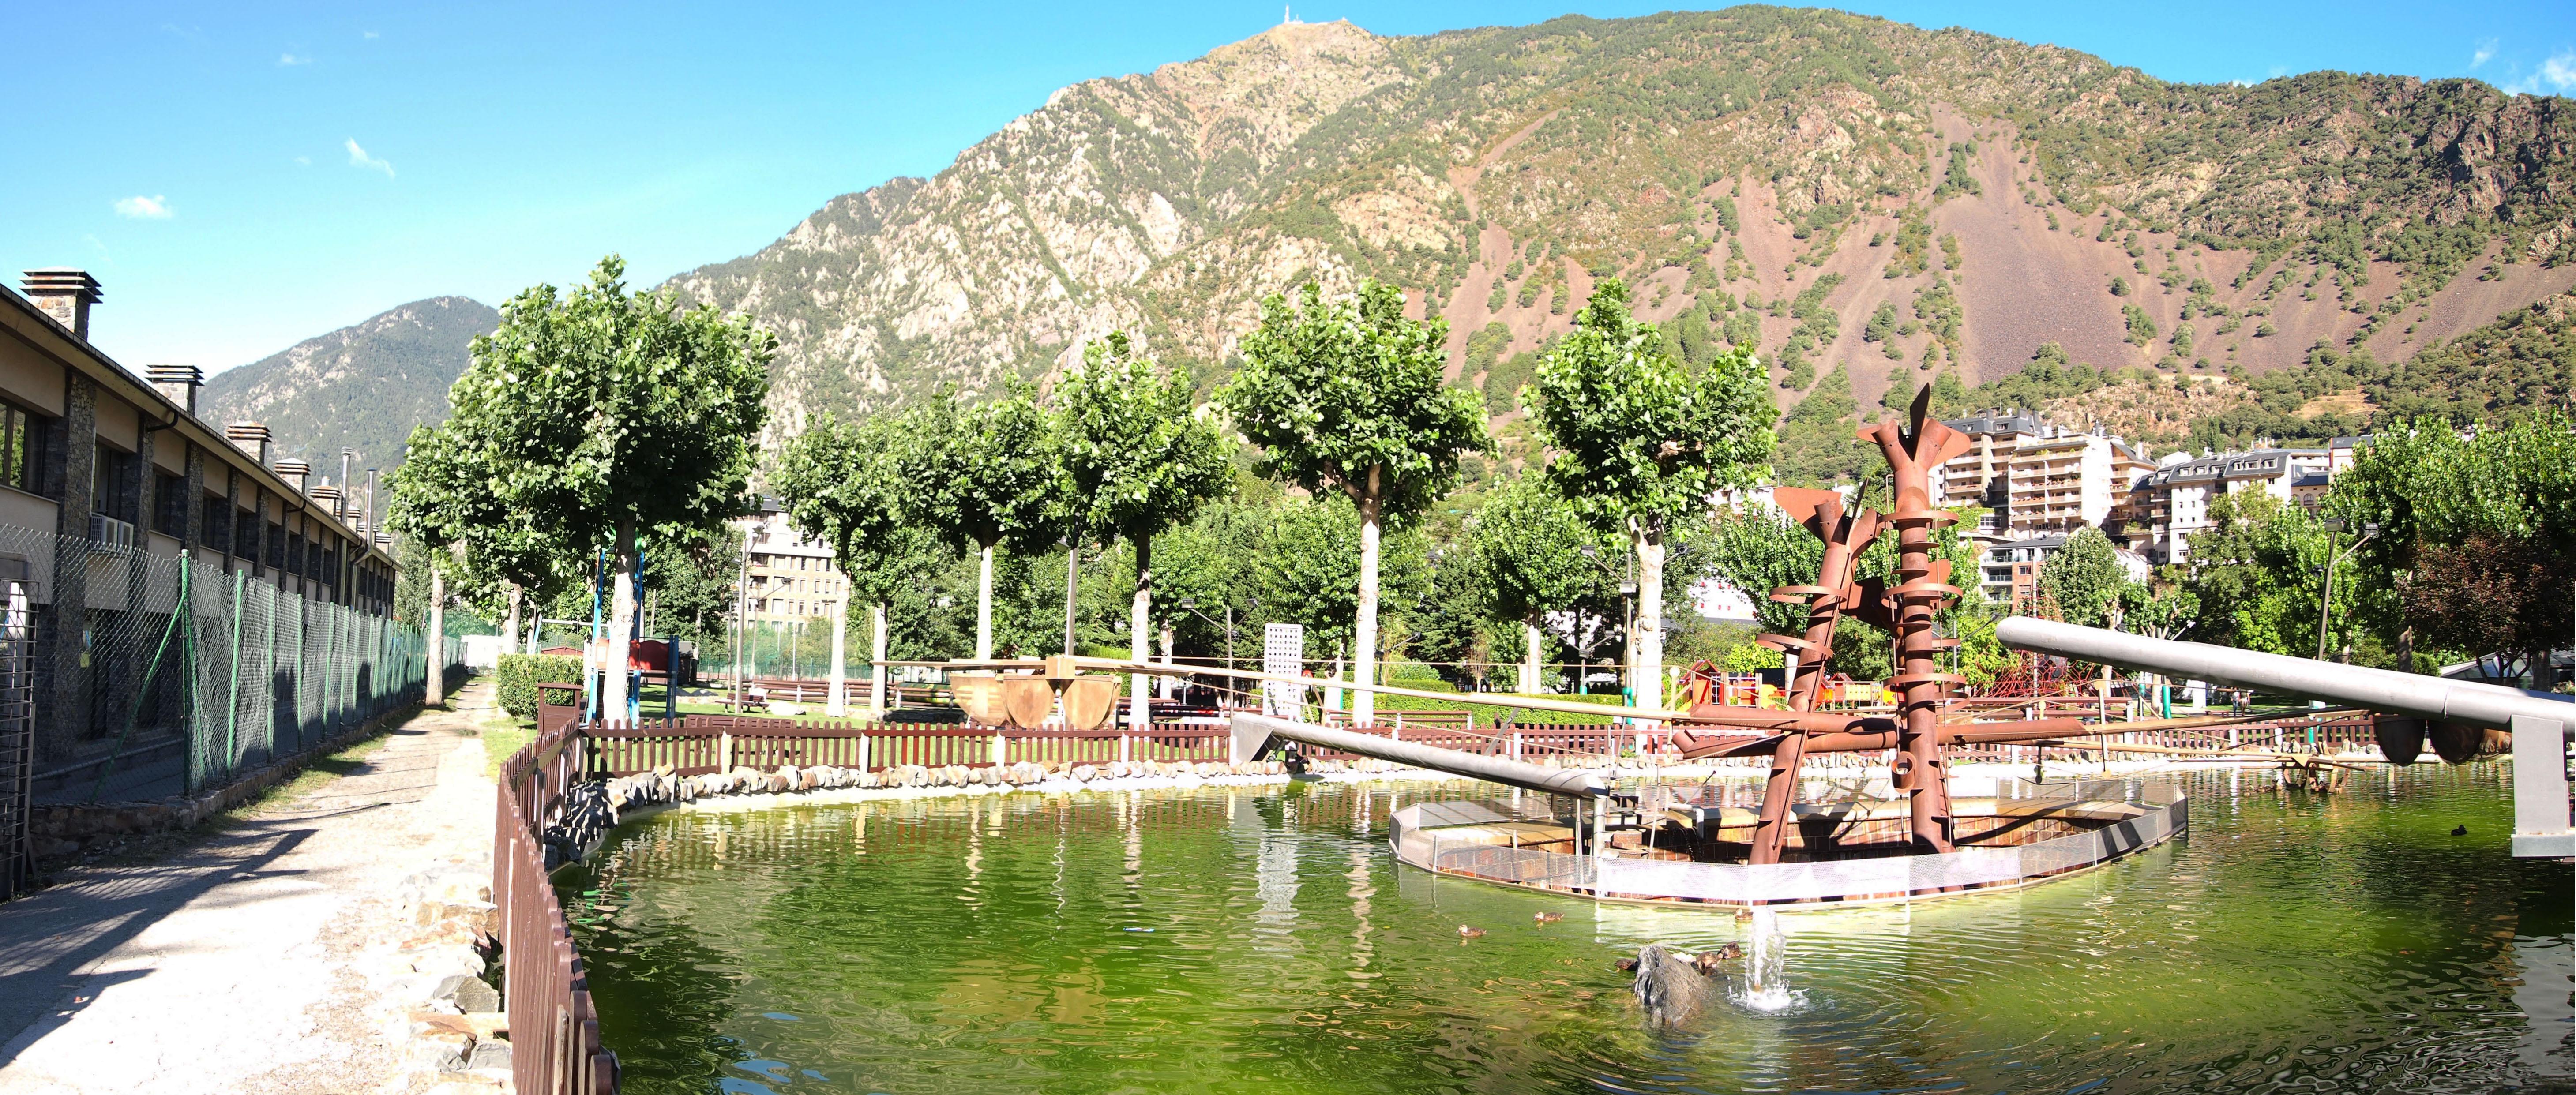 File Andorra La Vella Parc Central Jpg Wikimedia Commons